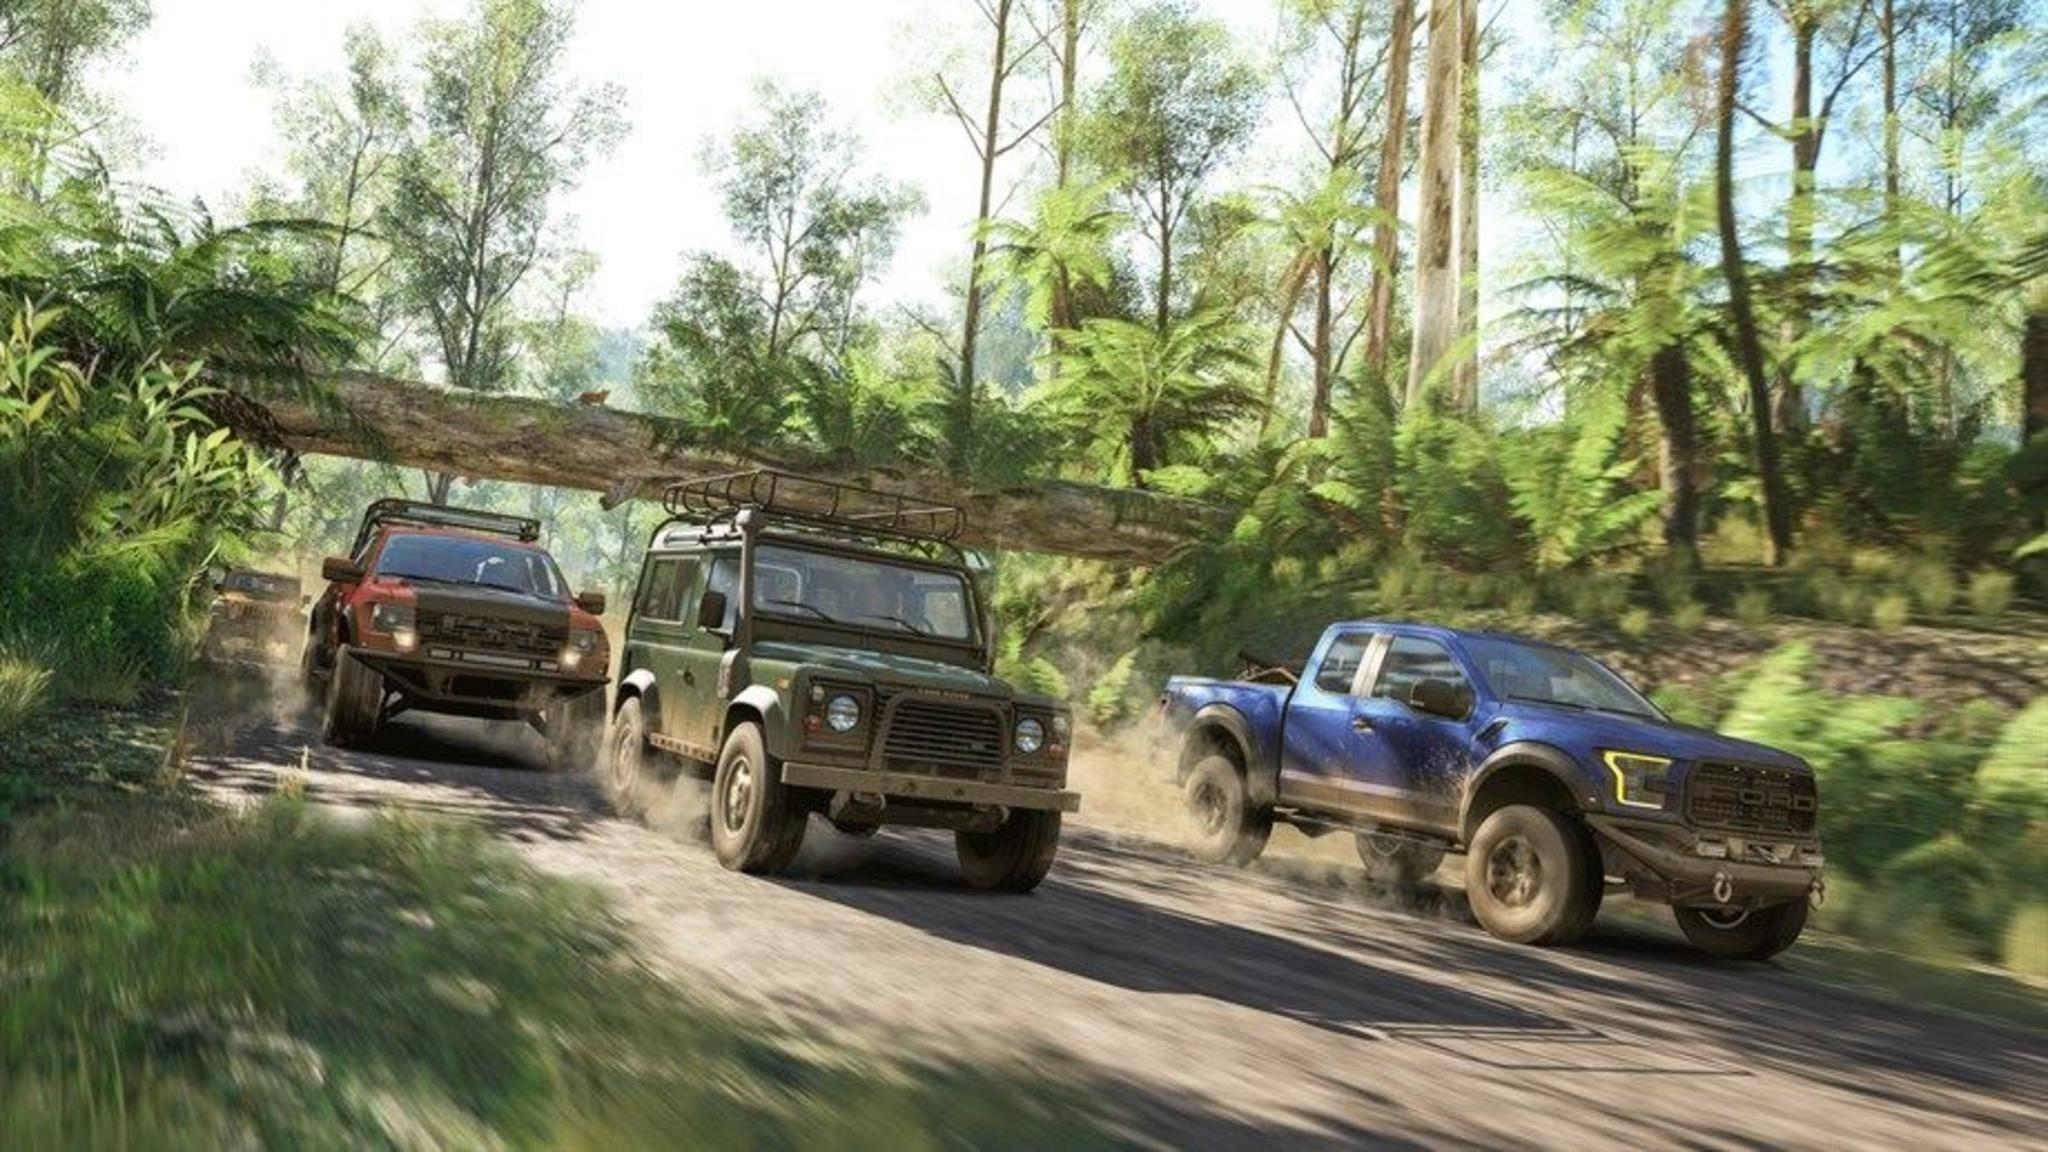 """""""Forza Horizon 3"""" und andere PC-Spiele gibt es exklusiv für Windows 10."""